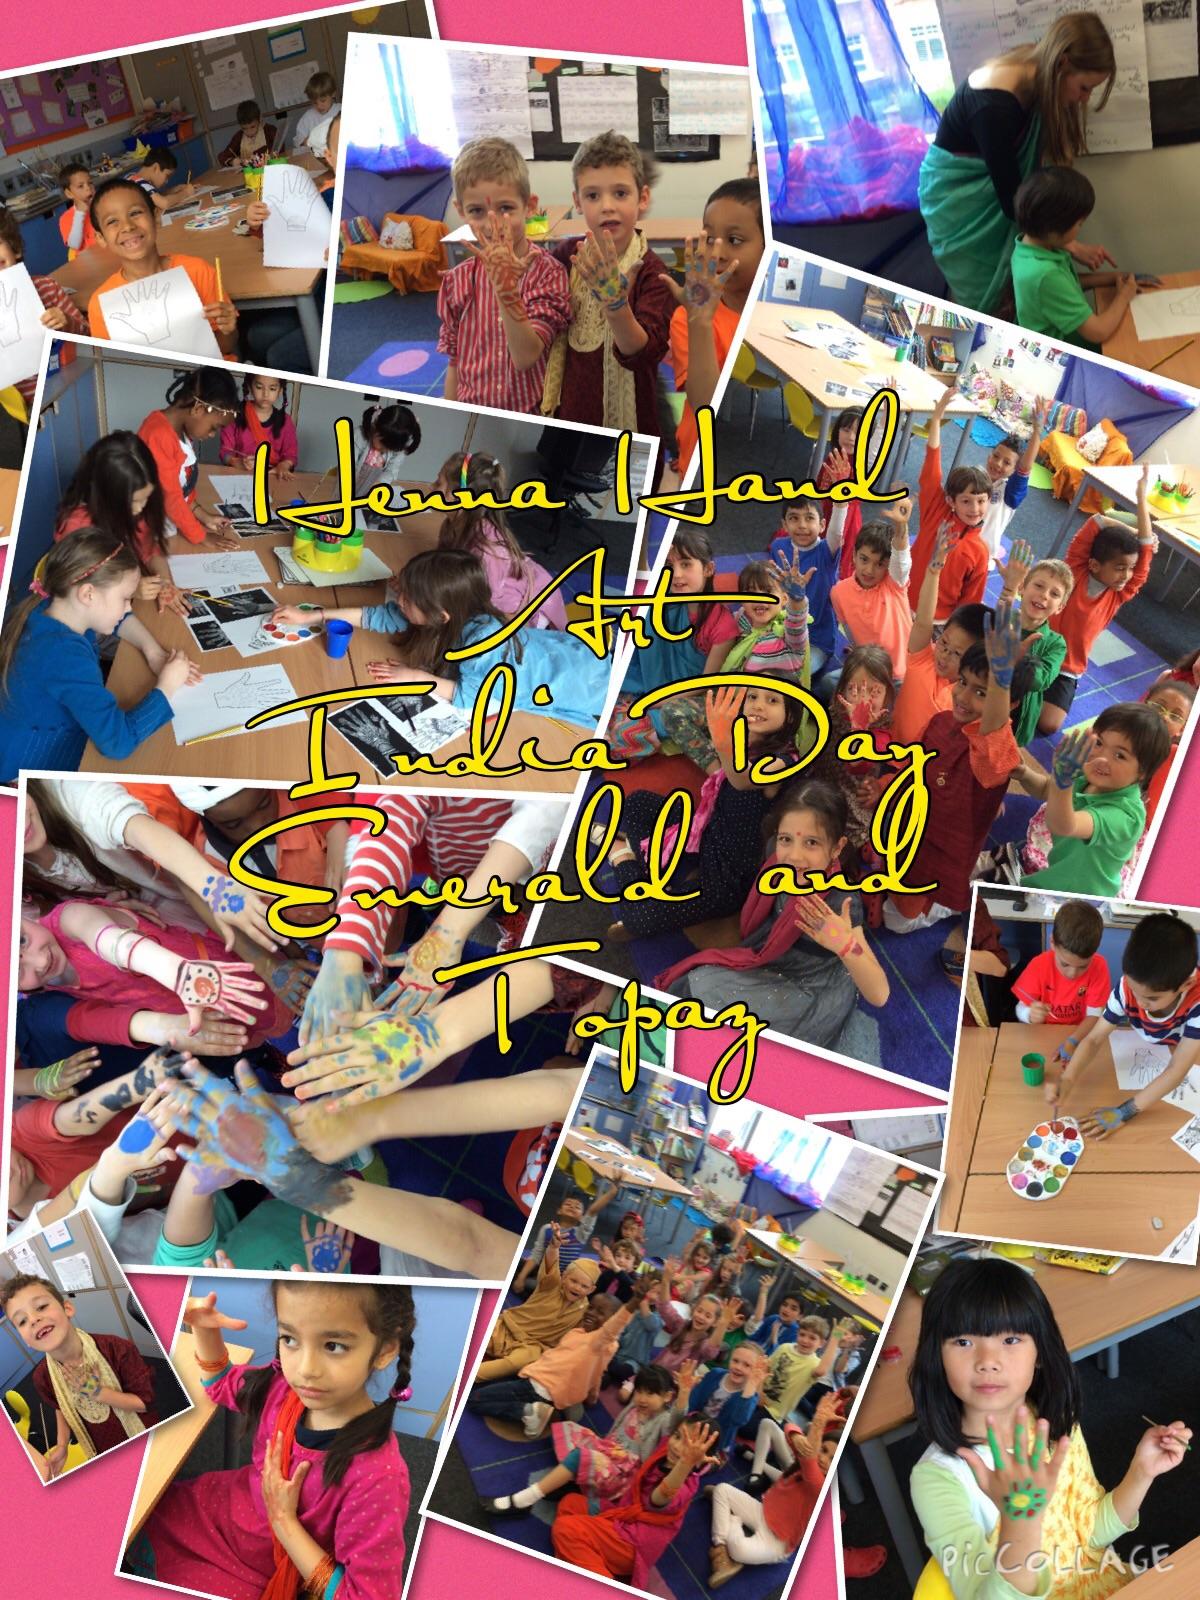 Henna India Day